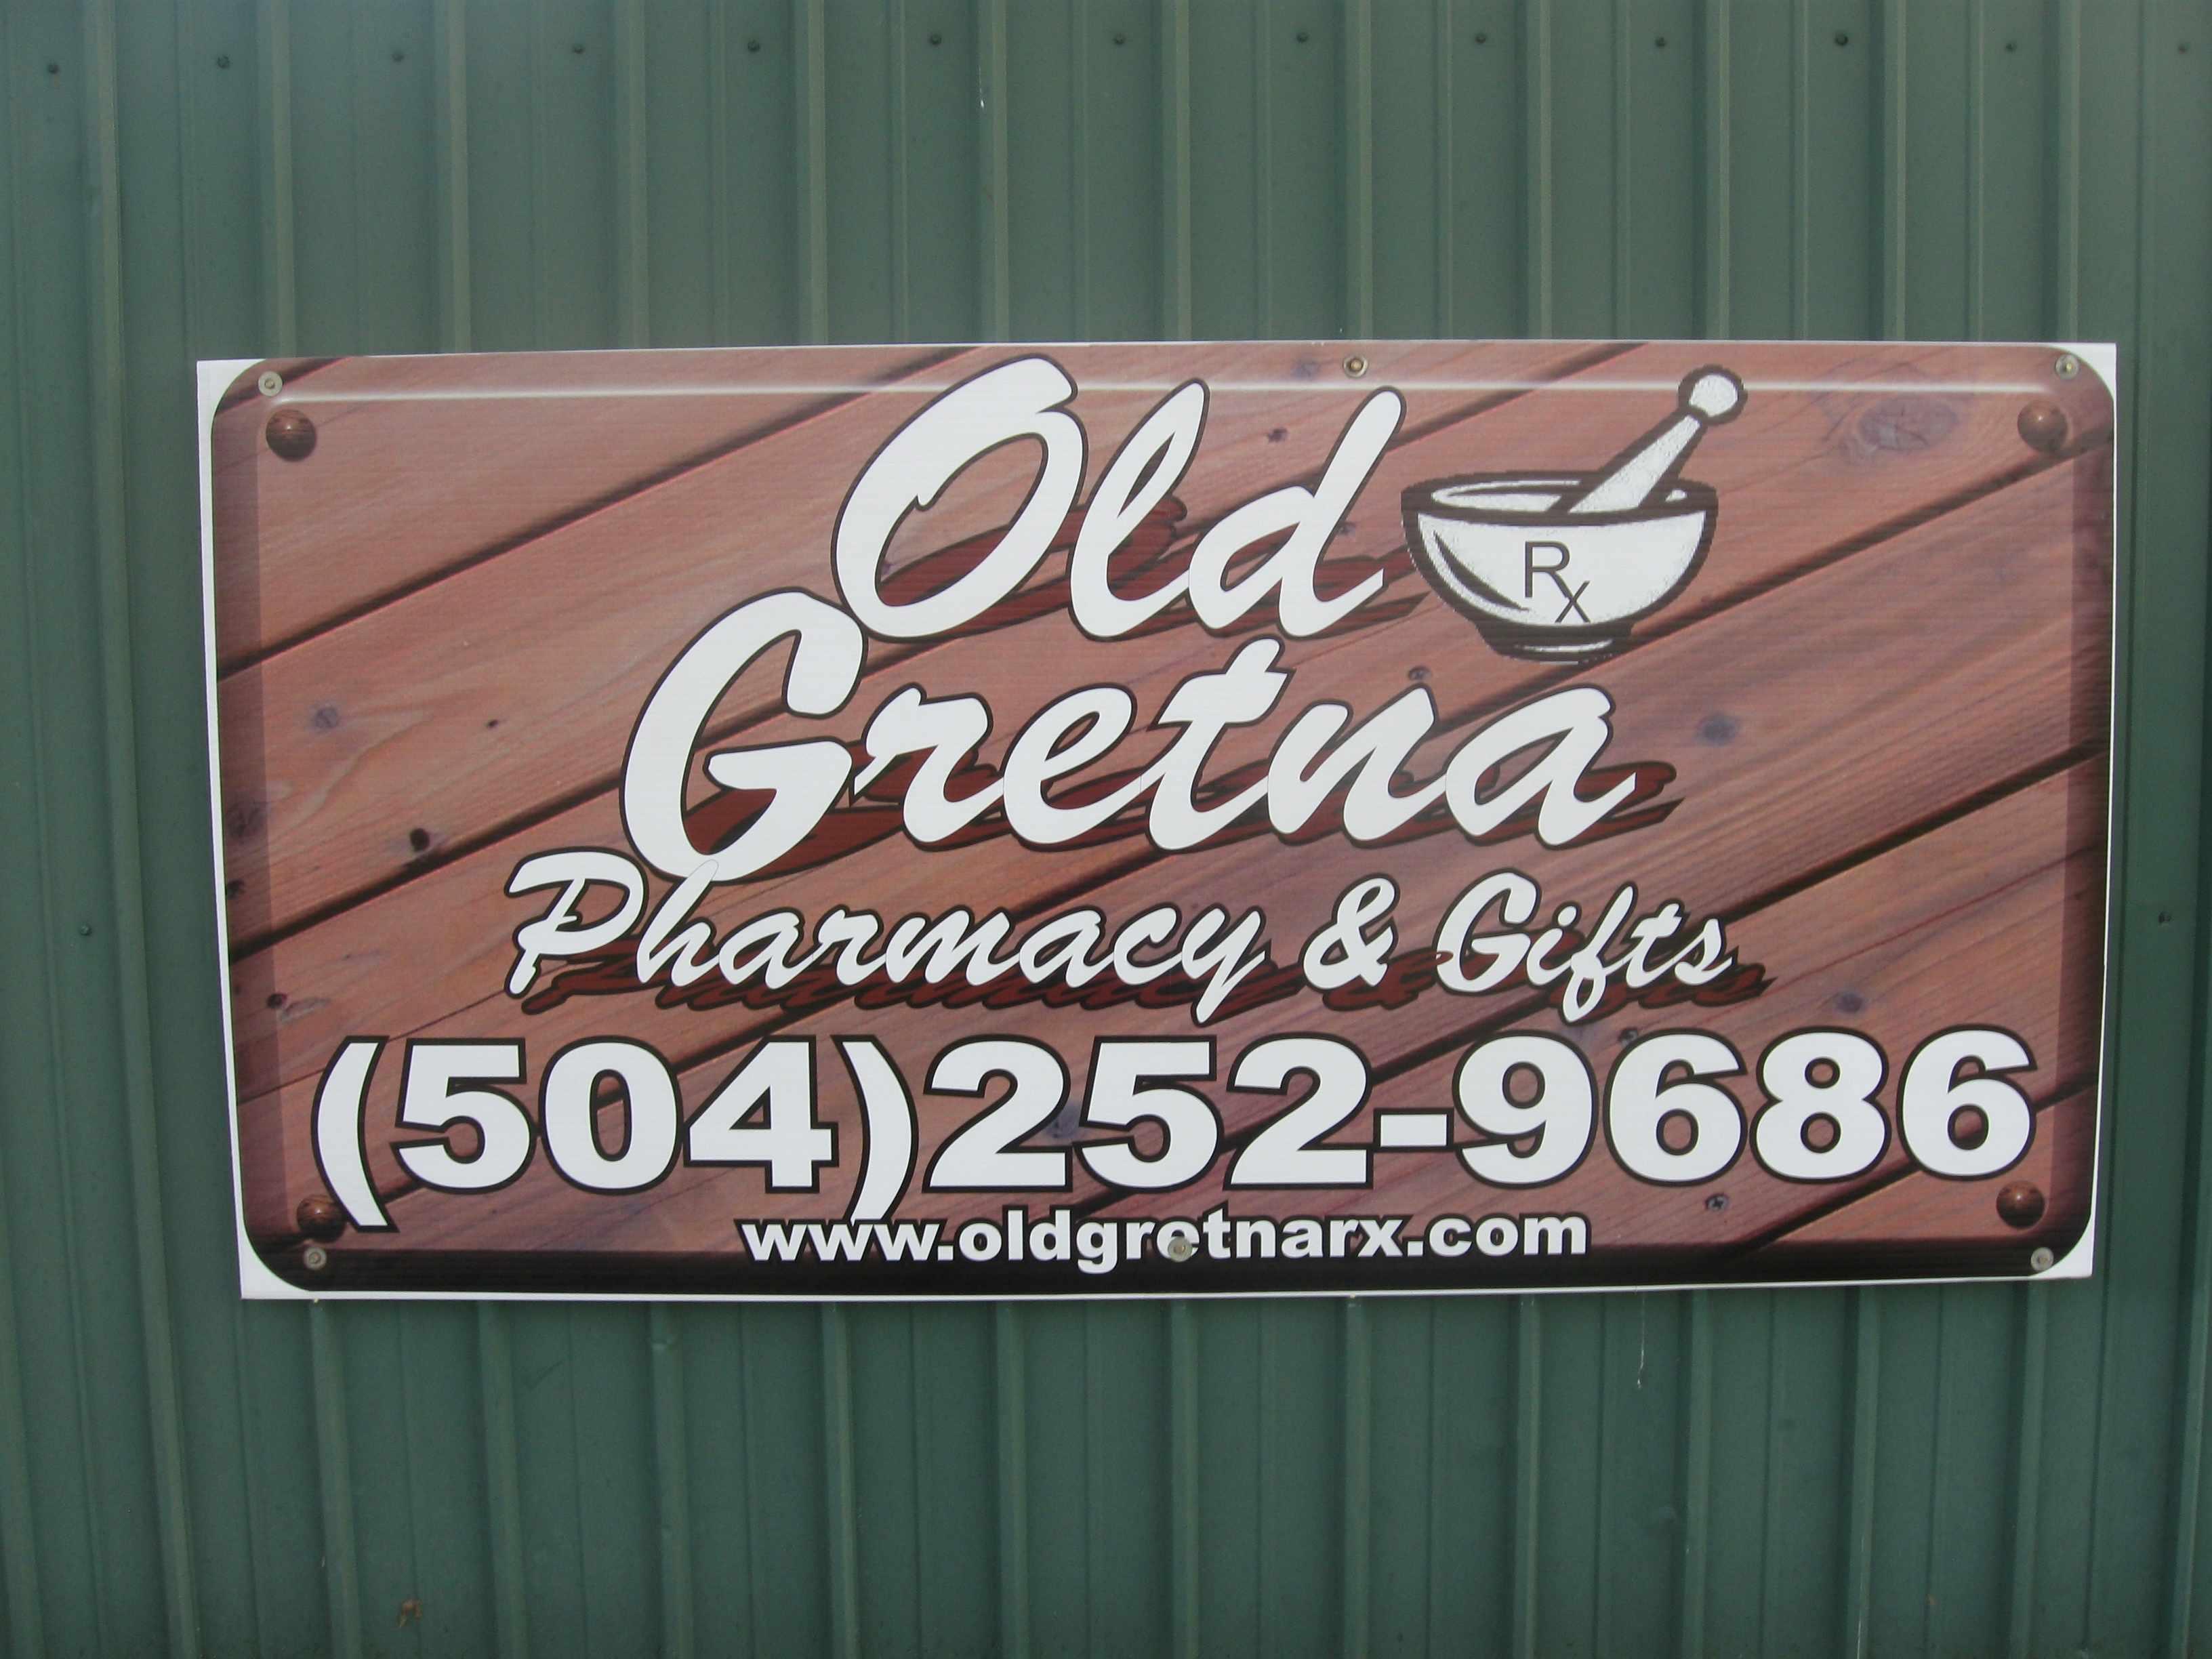 Old Gretna